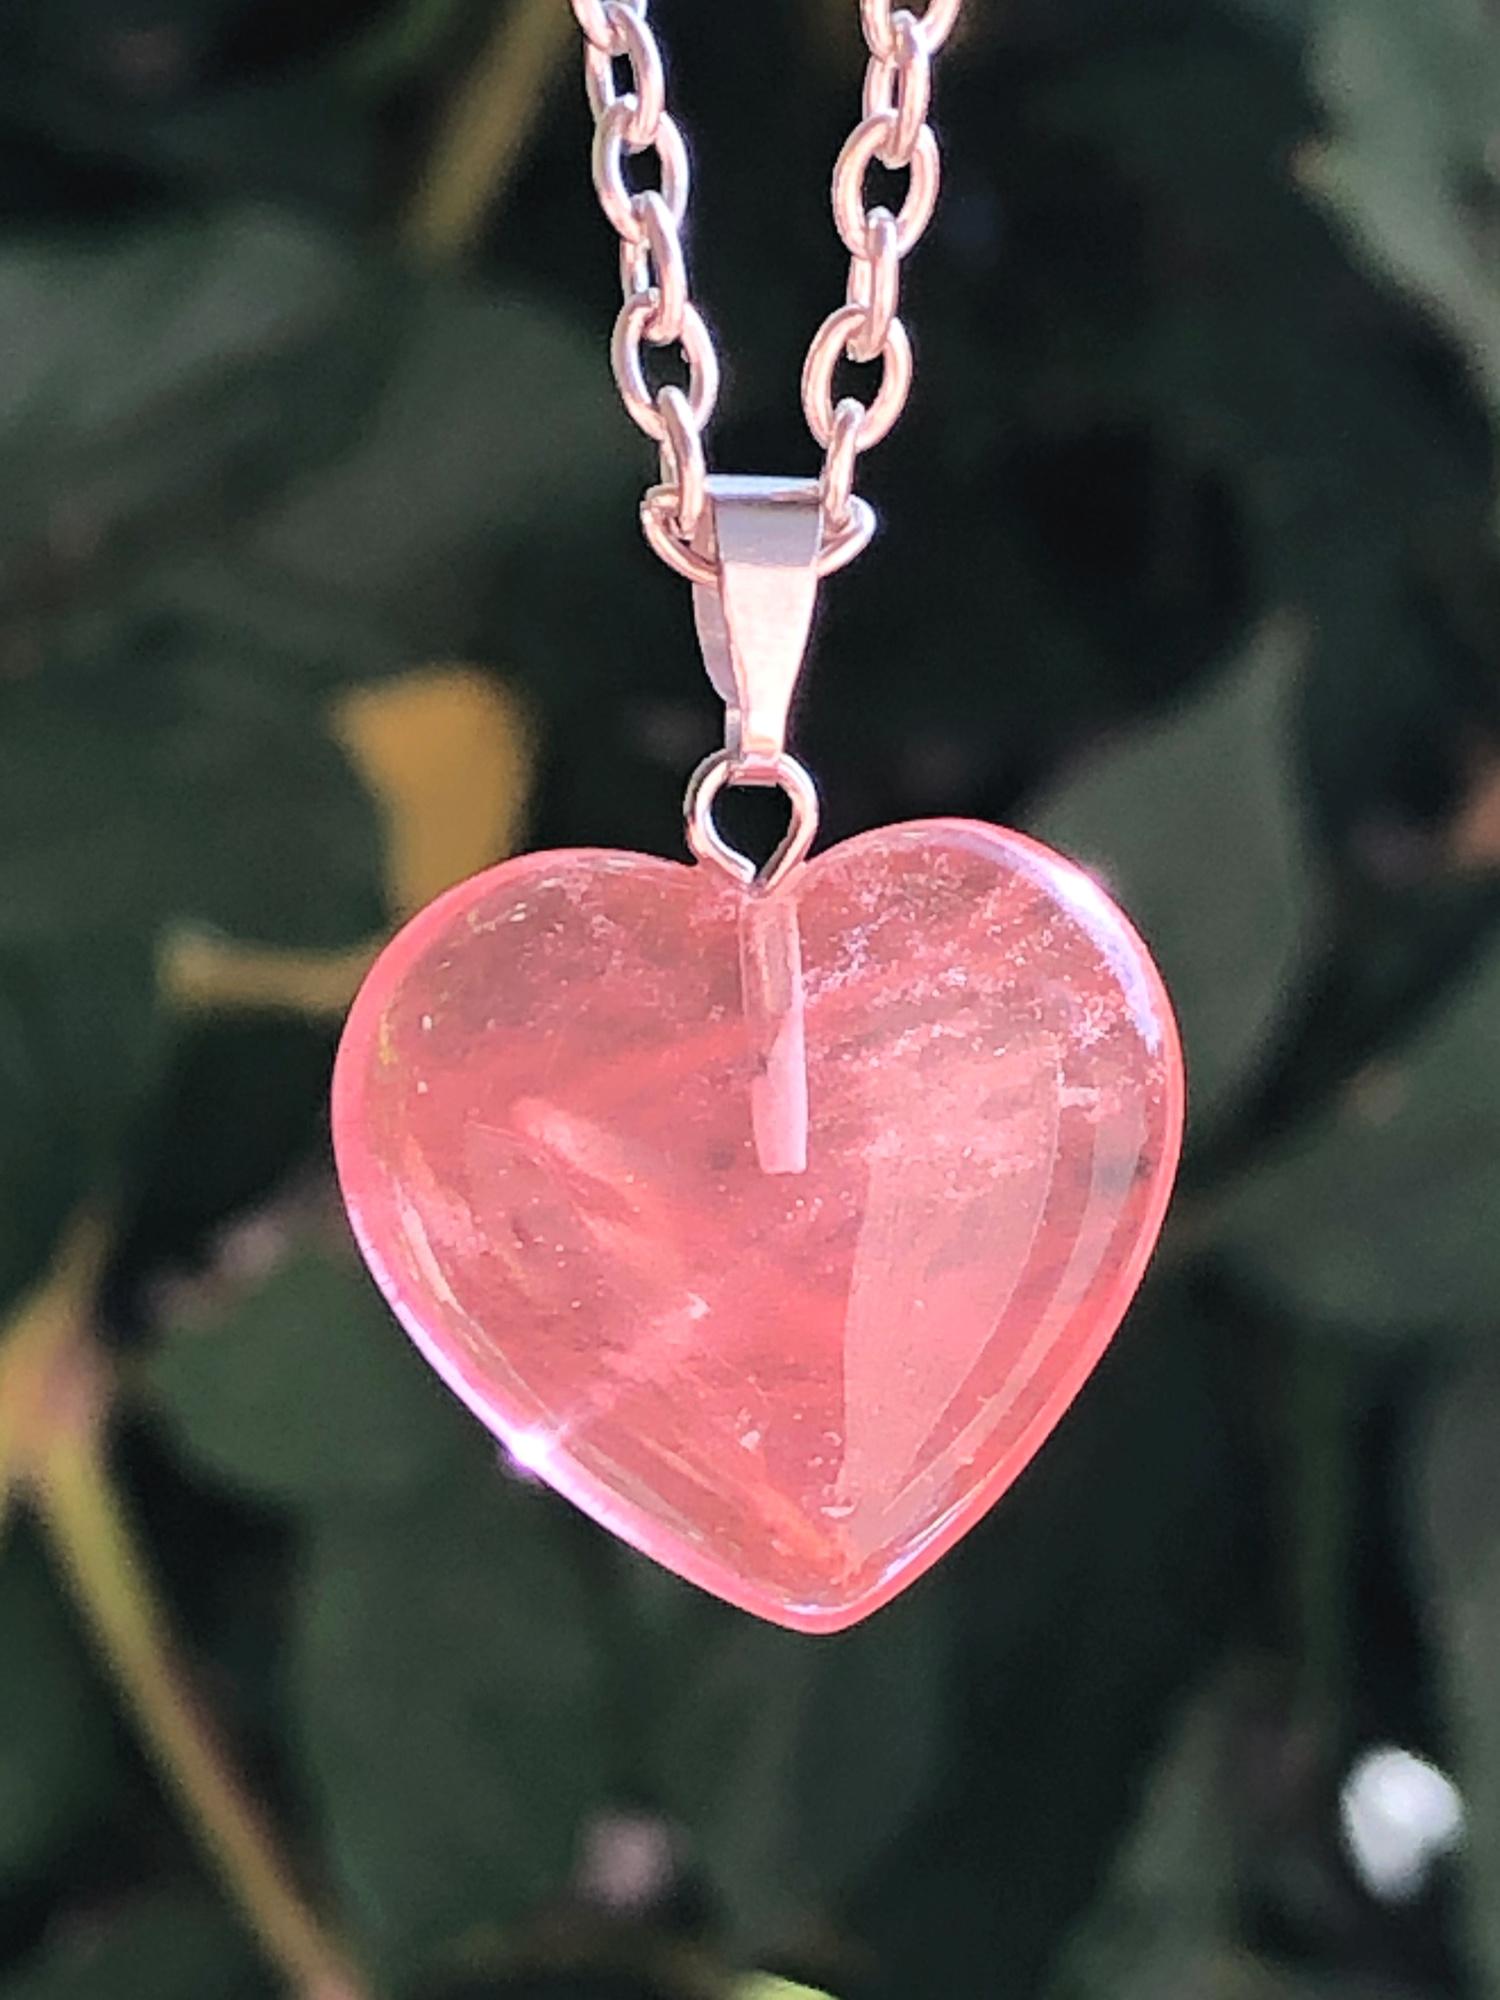 Self Love Necklace Heart Necklace Rose Quartz Heart Necklace Rose Quartz Necklace Gemstone Heart Necklace Crystal Heart Necklace